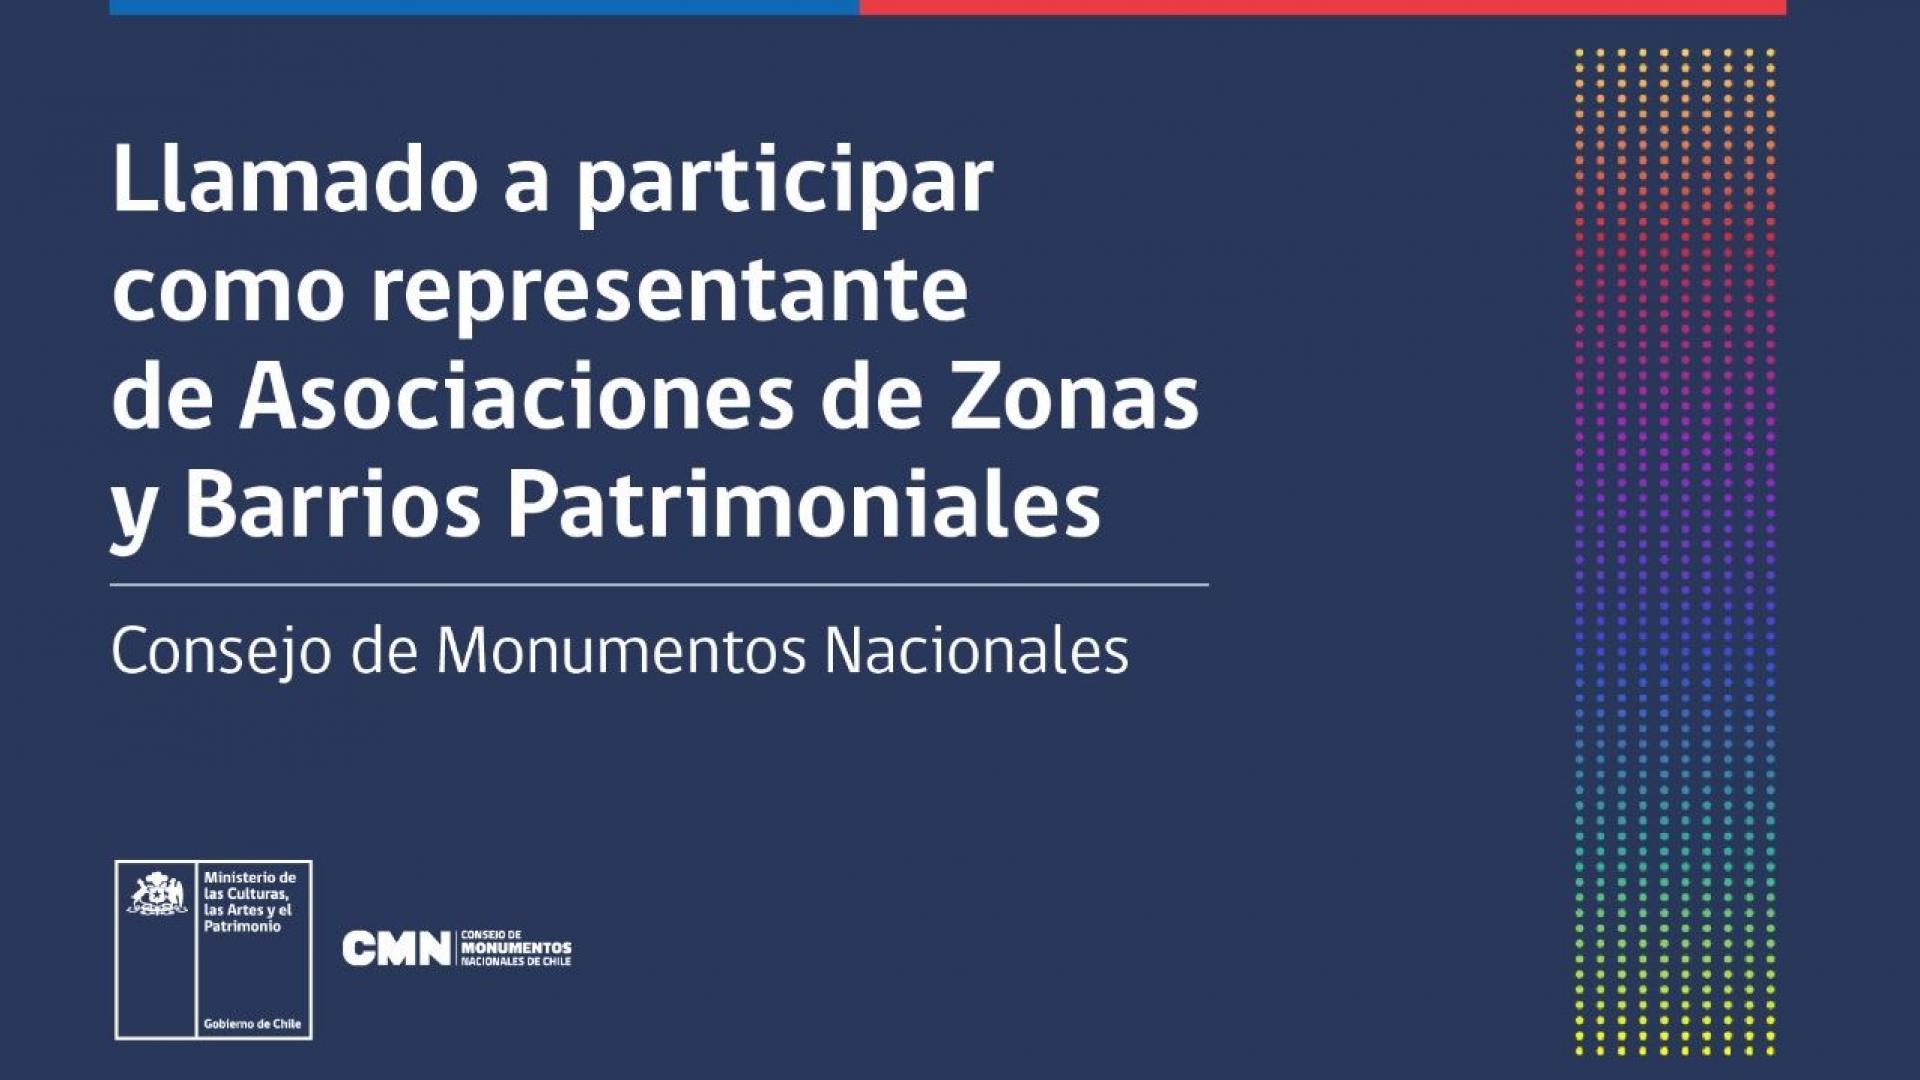 Imagen de Ministerio de las Culturas invita a asociaciones de zonas y barrios patrimoniales a participar en el Consejo de Monumentos Nacionales